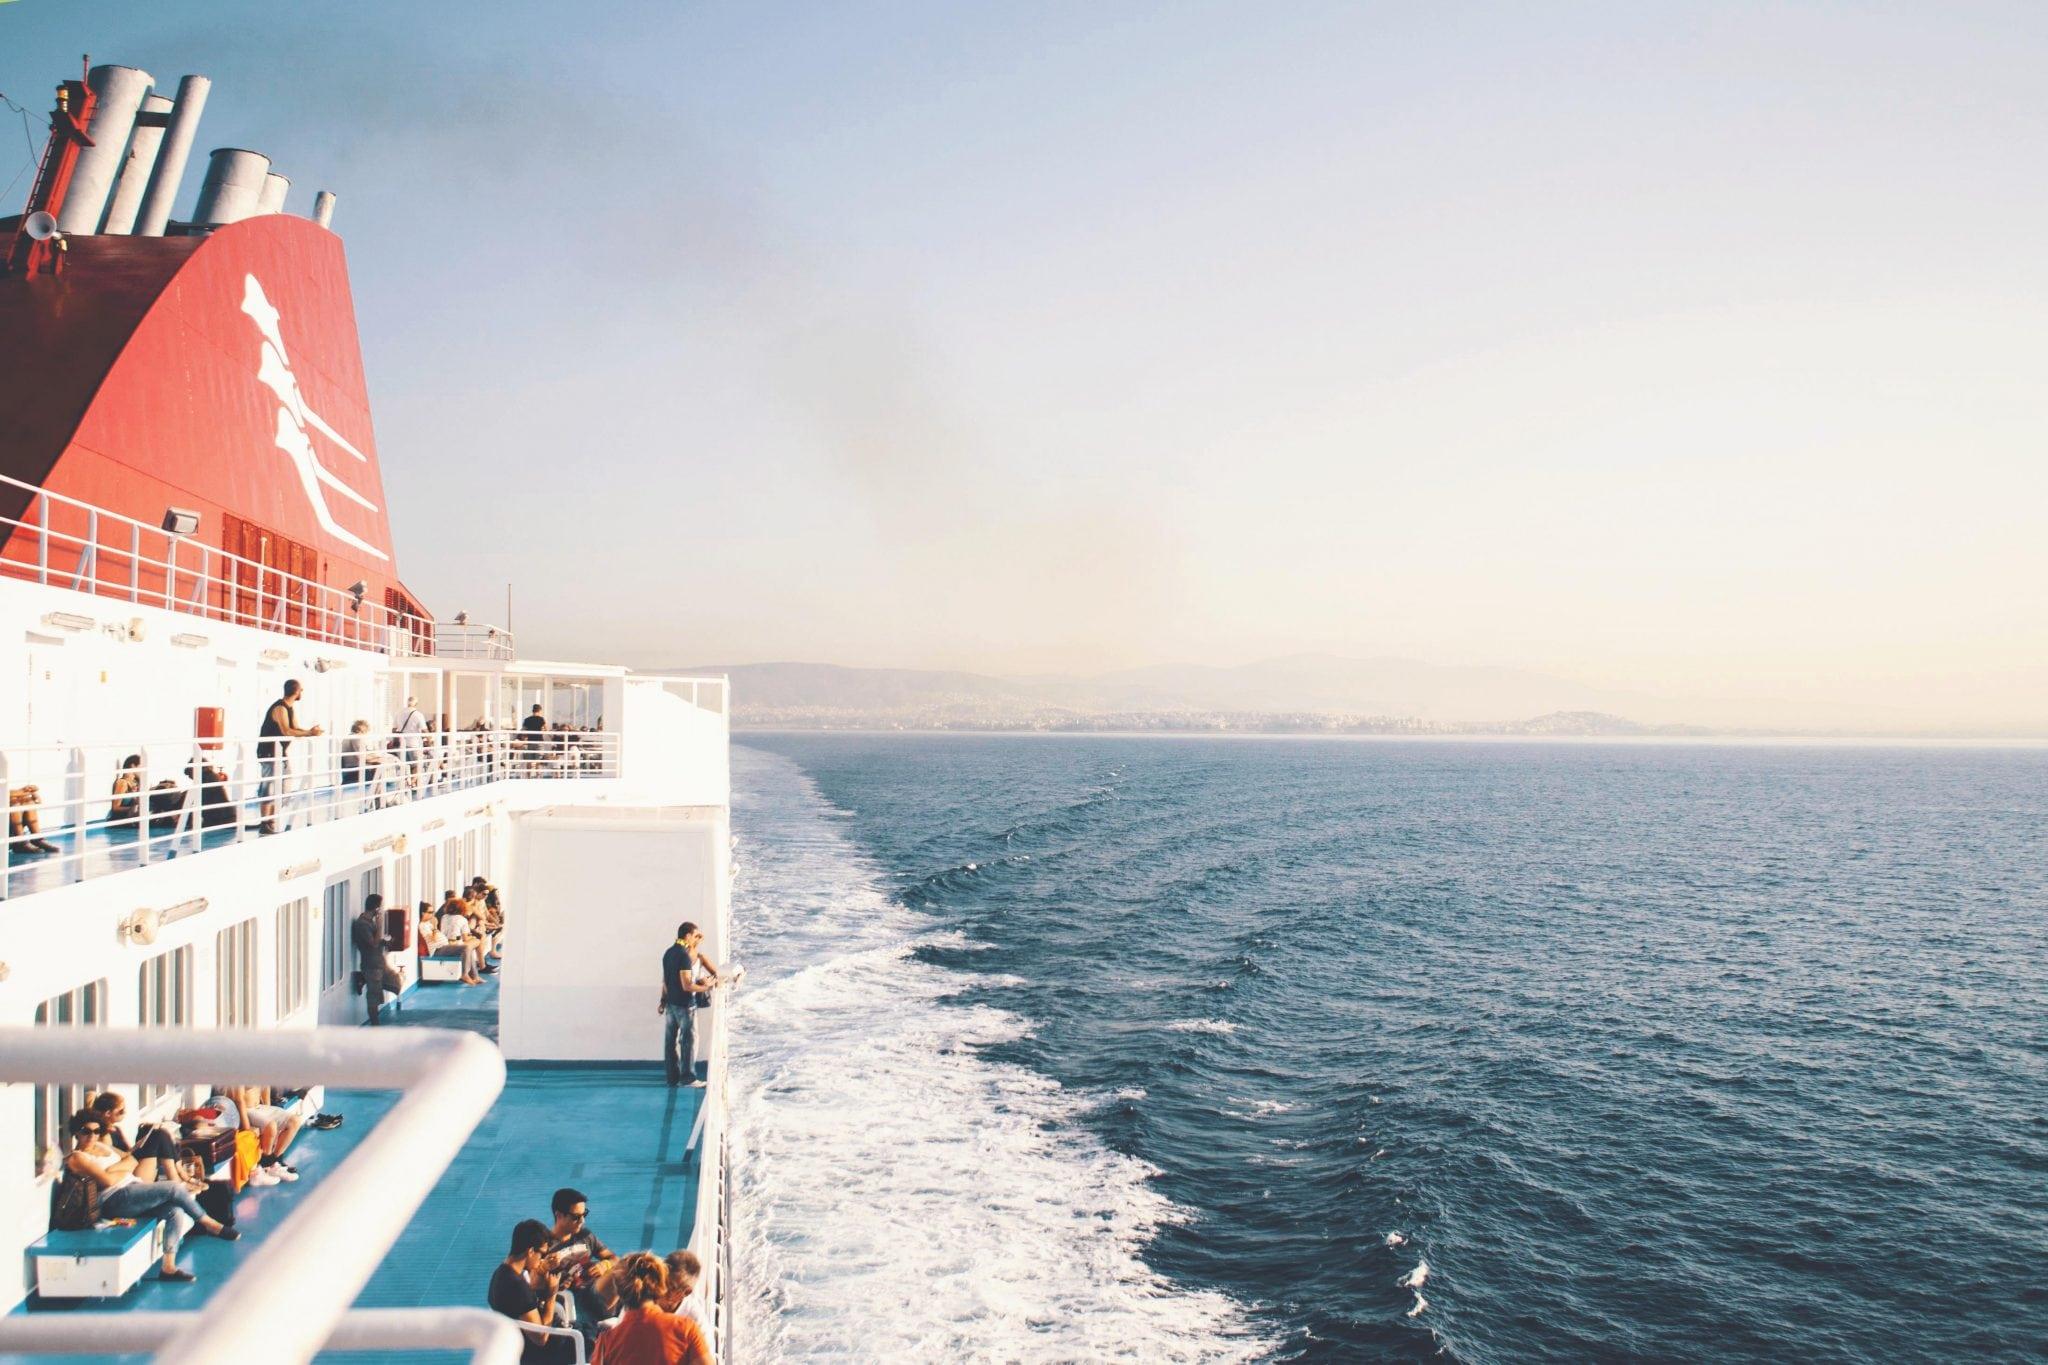 Η Ικαρία είναι το νησί που δεν θα σε αφήσει να φύγεις!